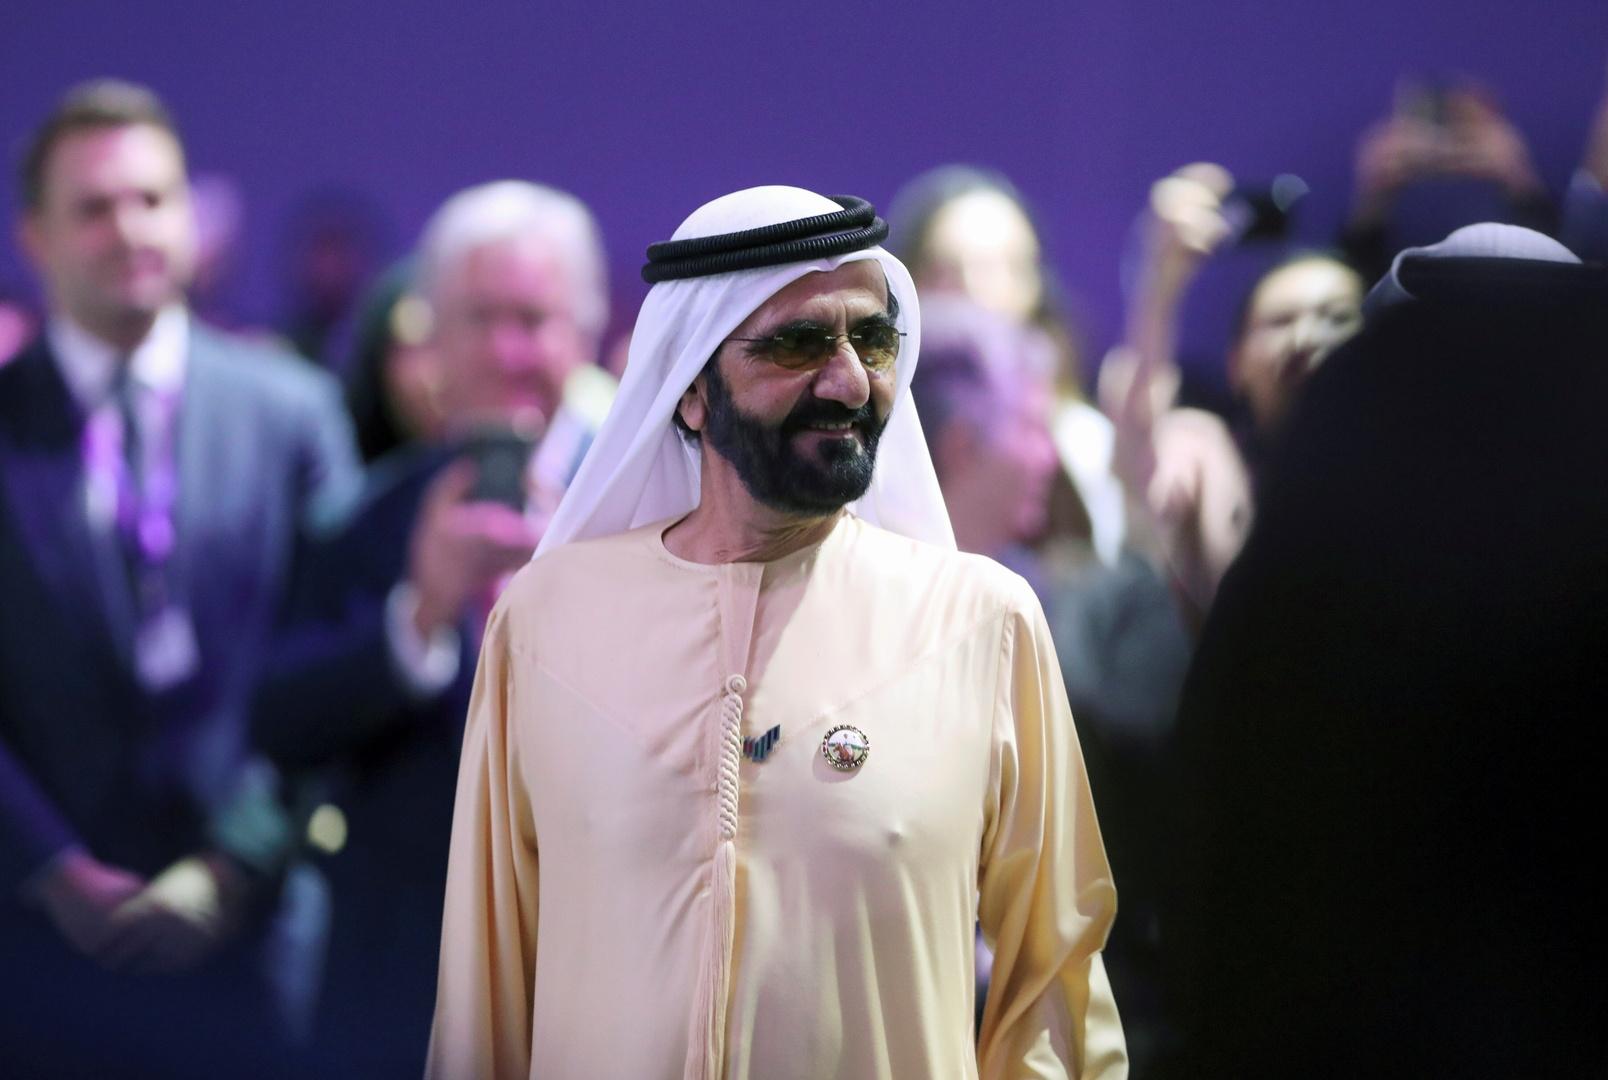 محمد بن راشد آل مكتوم، حاكم بي، رئيس الوزراء الإماراتي